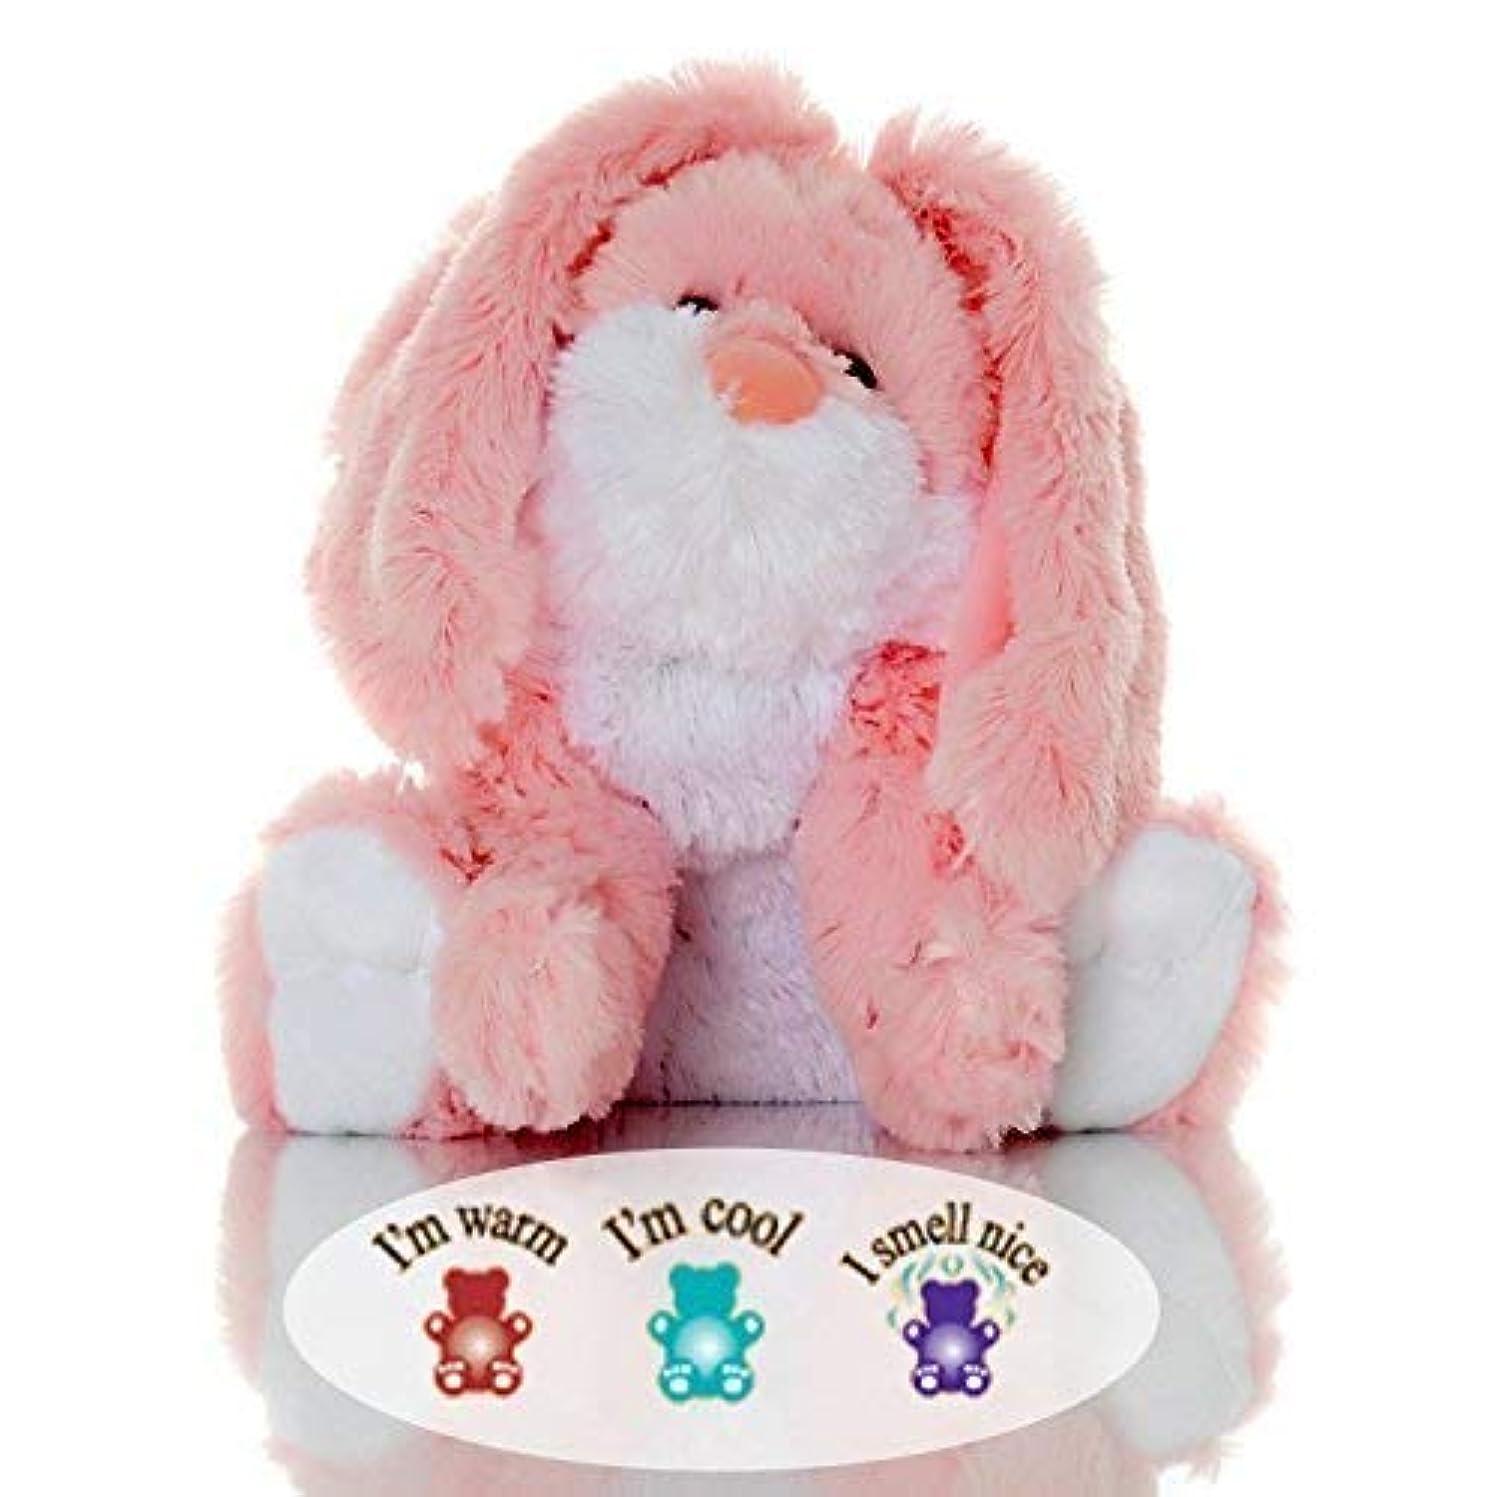 禁止する骨日食Sootheze Rosey Bunny Rabbit - Microwavable Stuffed Animal - Weighted Lavender Scented Aromatherapy - Hot and Cold...